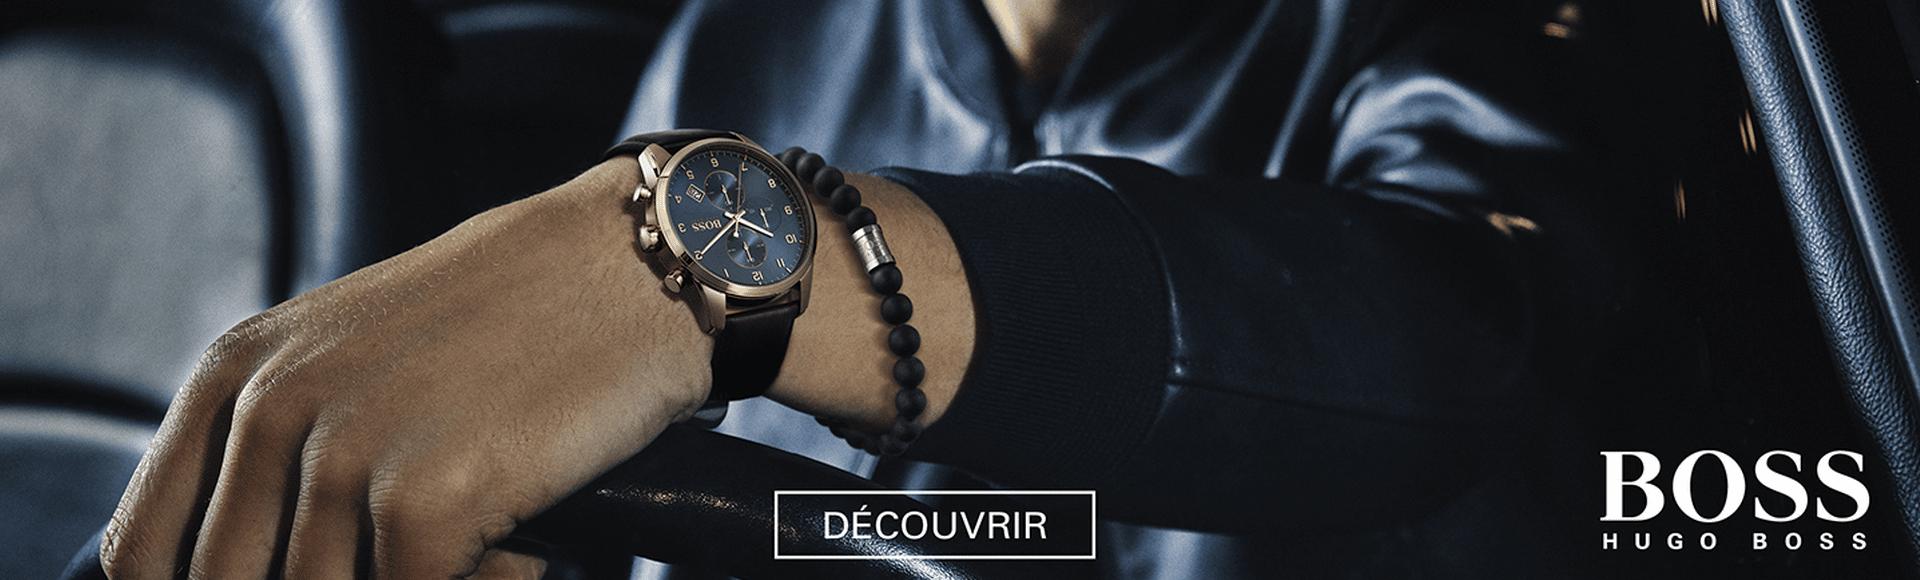 vente-montre-et_lunette-de-marque-hugo-boss-pour-homme-et-femme-montre-tunisie-meilleure-prix-mykenza.png